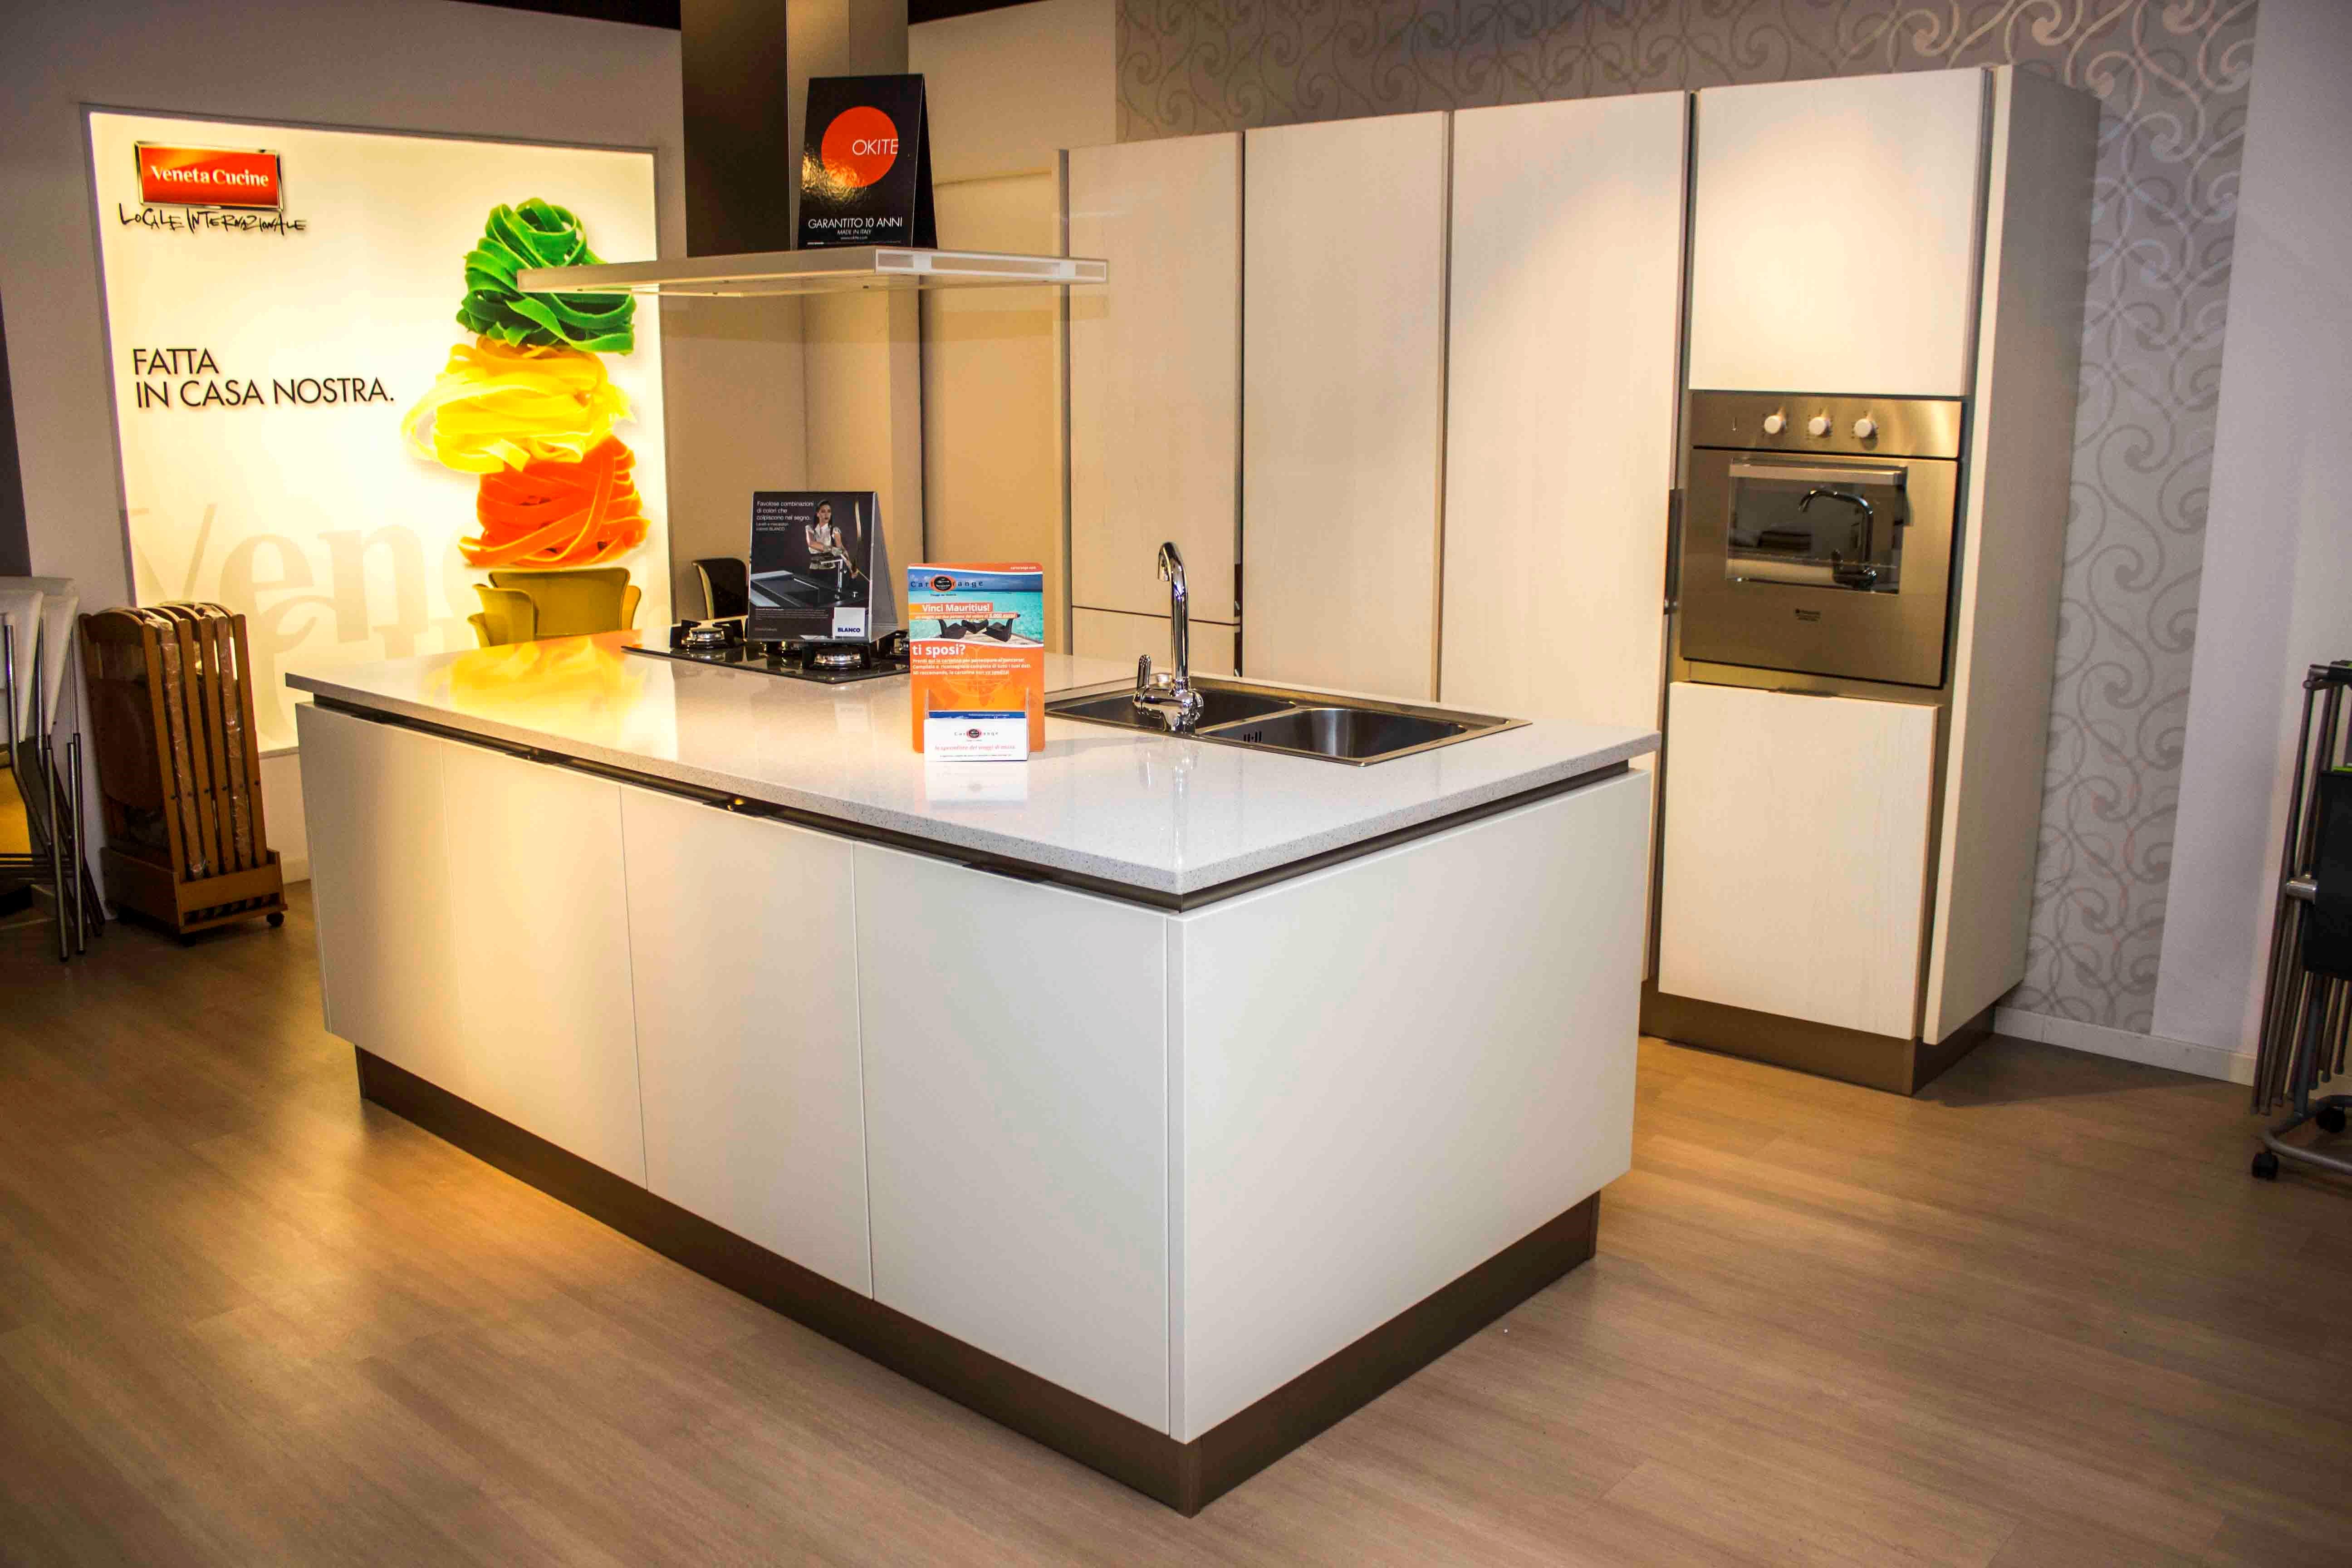 Veneta cucina sottocosto per svuotatutto negozio cucine - Immagini cucine ikea ...